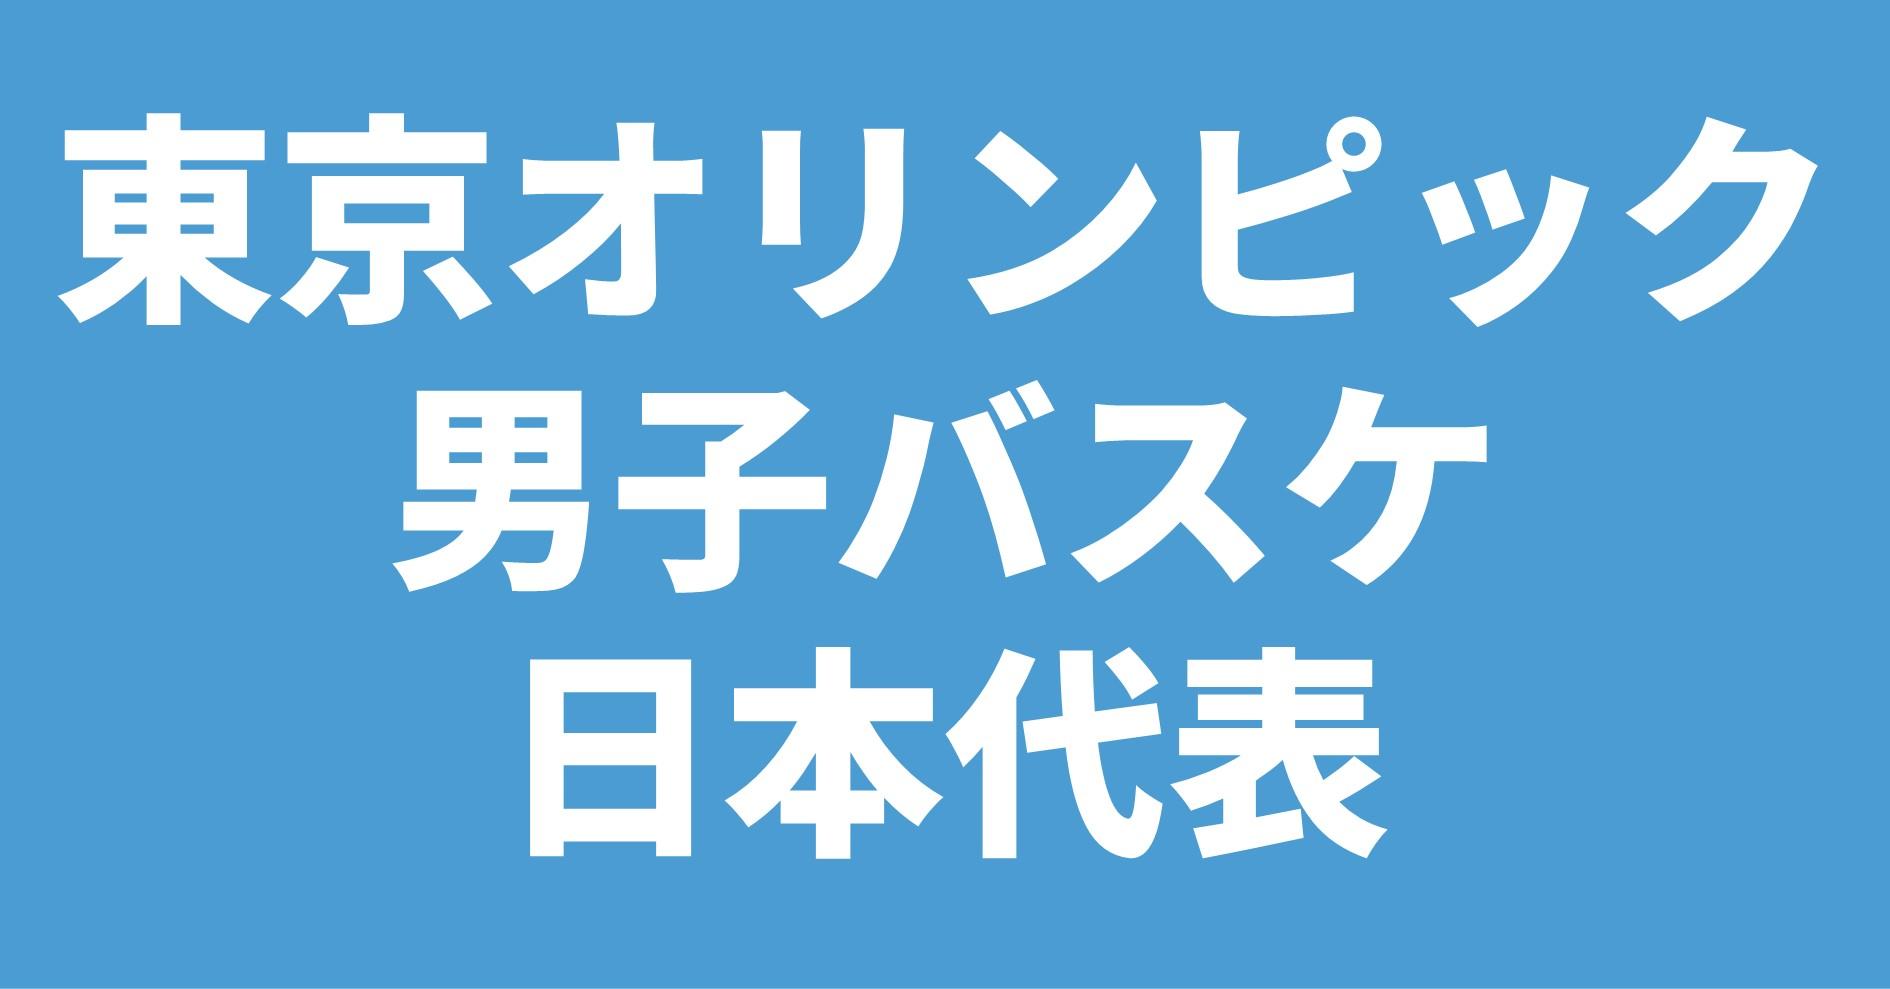 東京2020オリンピック 男子バスケ日本代表